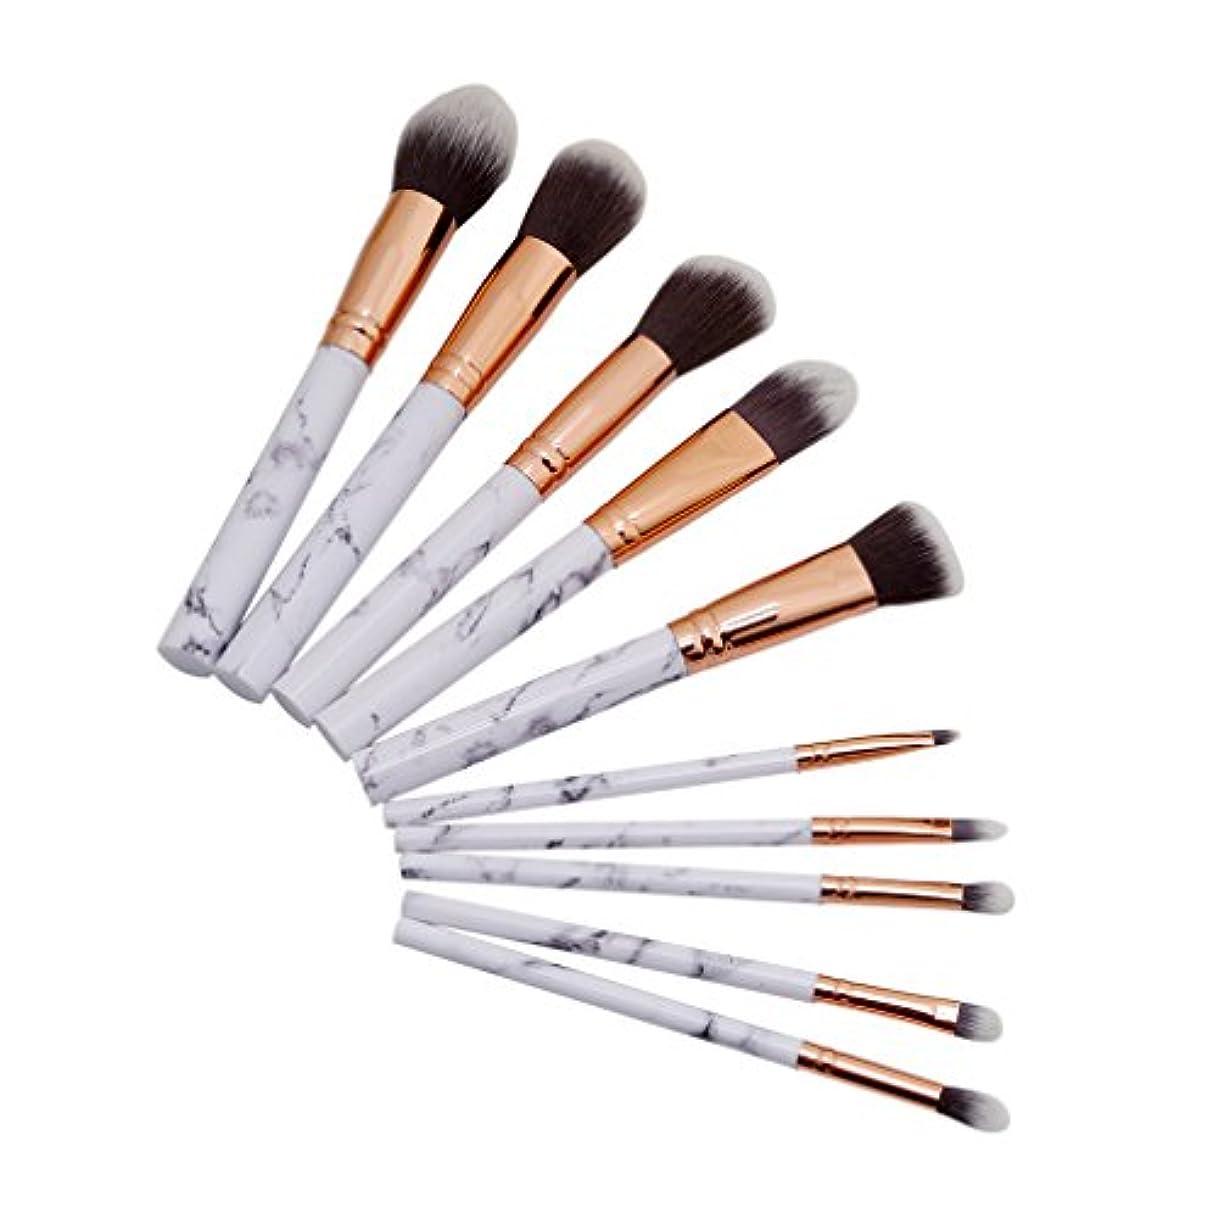 過言膜名誉あるBEE&BLUE メイクブラシ セット 人気 10本セット 化粧筆 コスメ ブラシ メイクアップブラシ 大理石 ハンドル パウダーブラシ フェイスブラシ